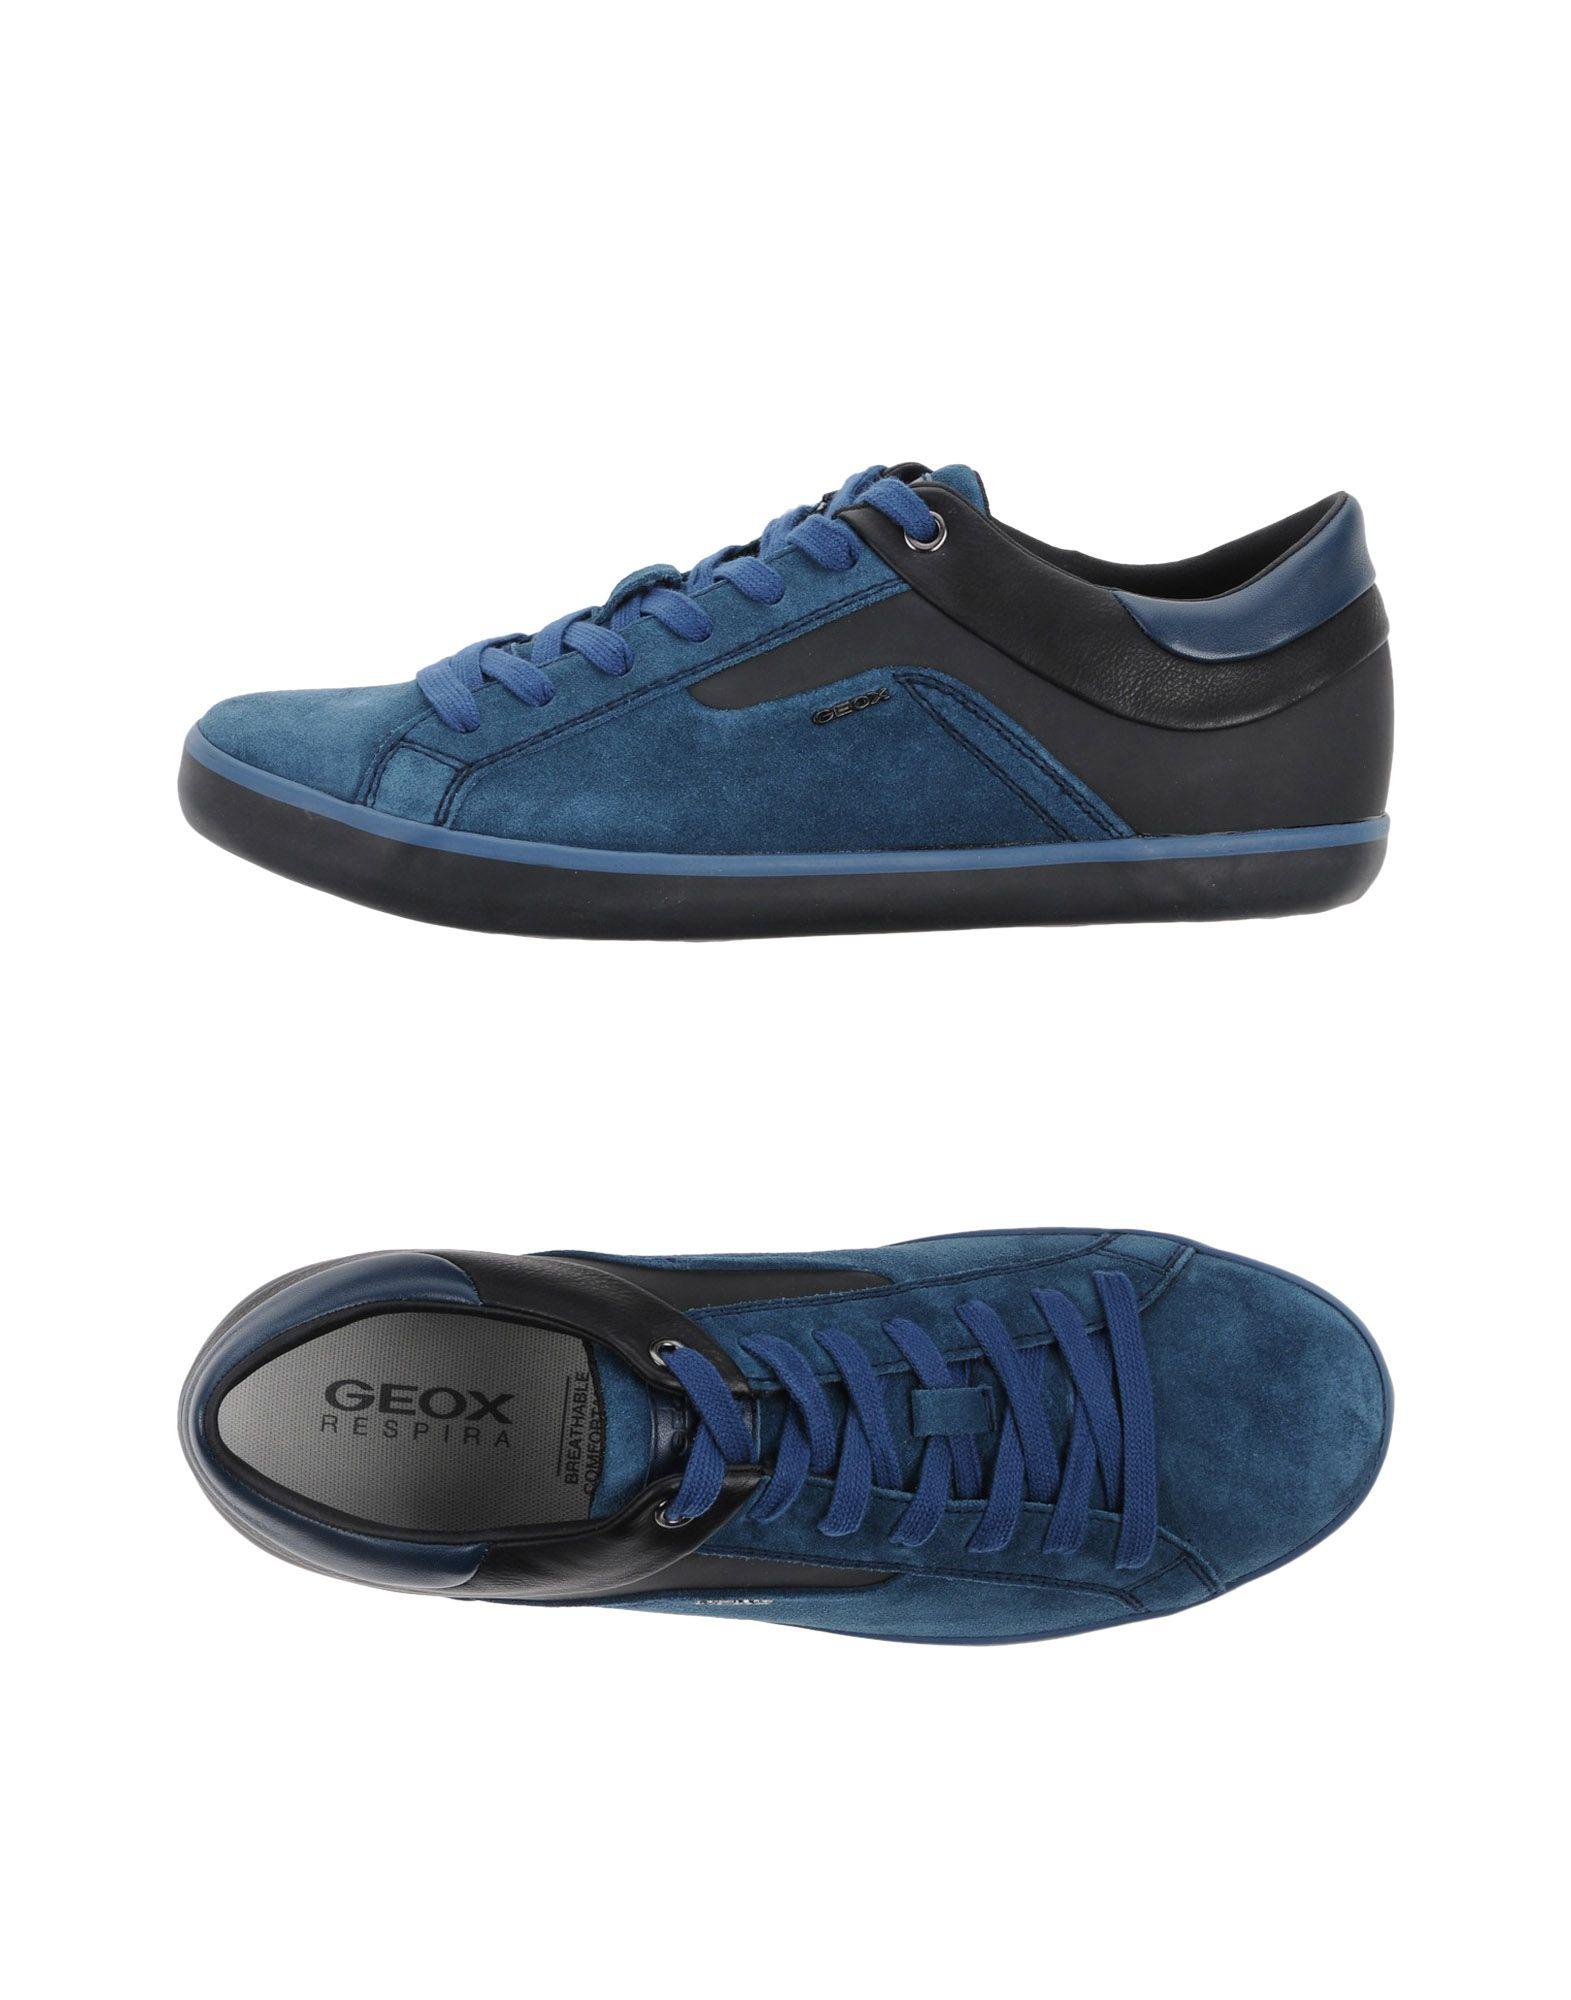 Rabatt echte 11253496SM Schuhe Geox Sneakers Herren  11253496SM echte 5bb75b